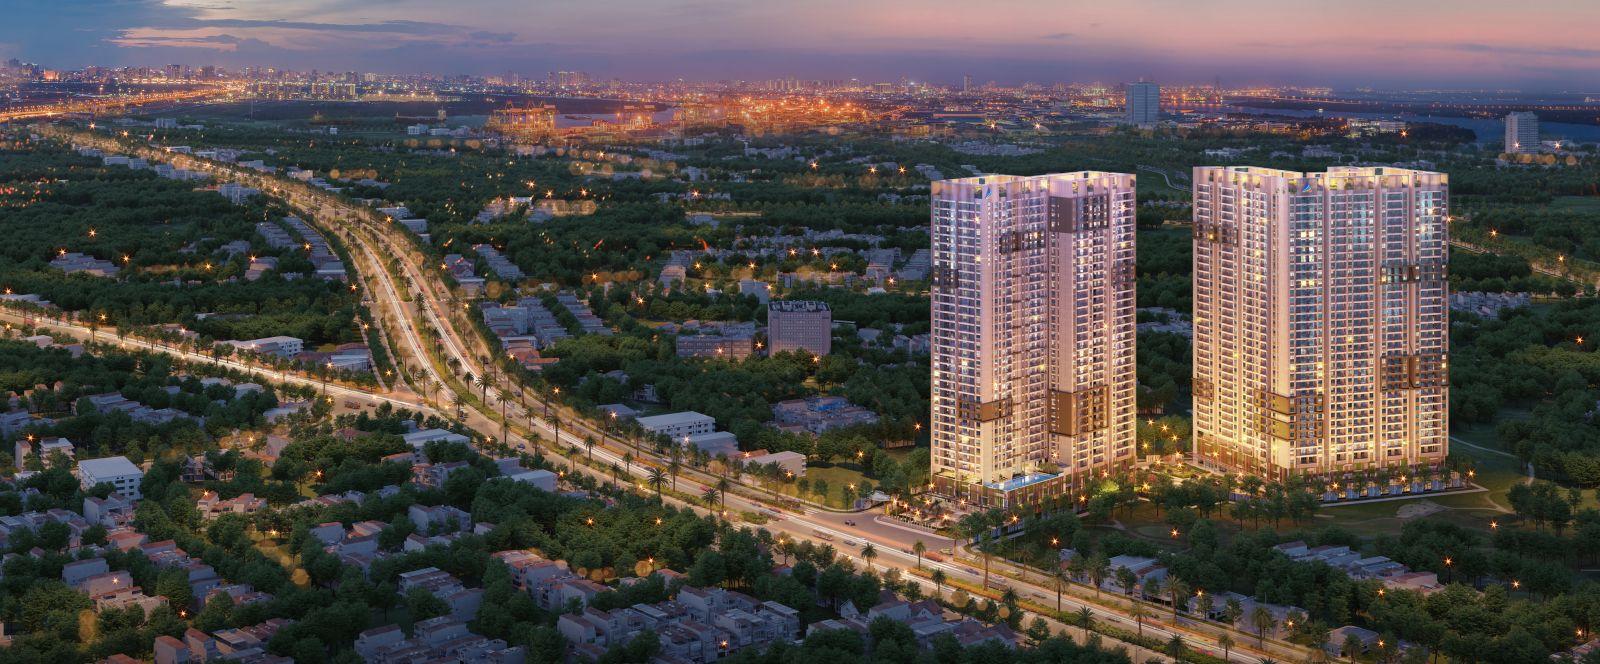 dự án căn hộ chung cư opla boulevard